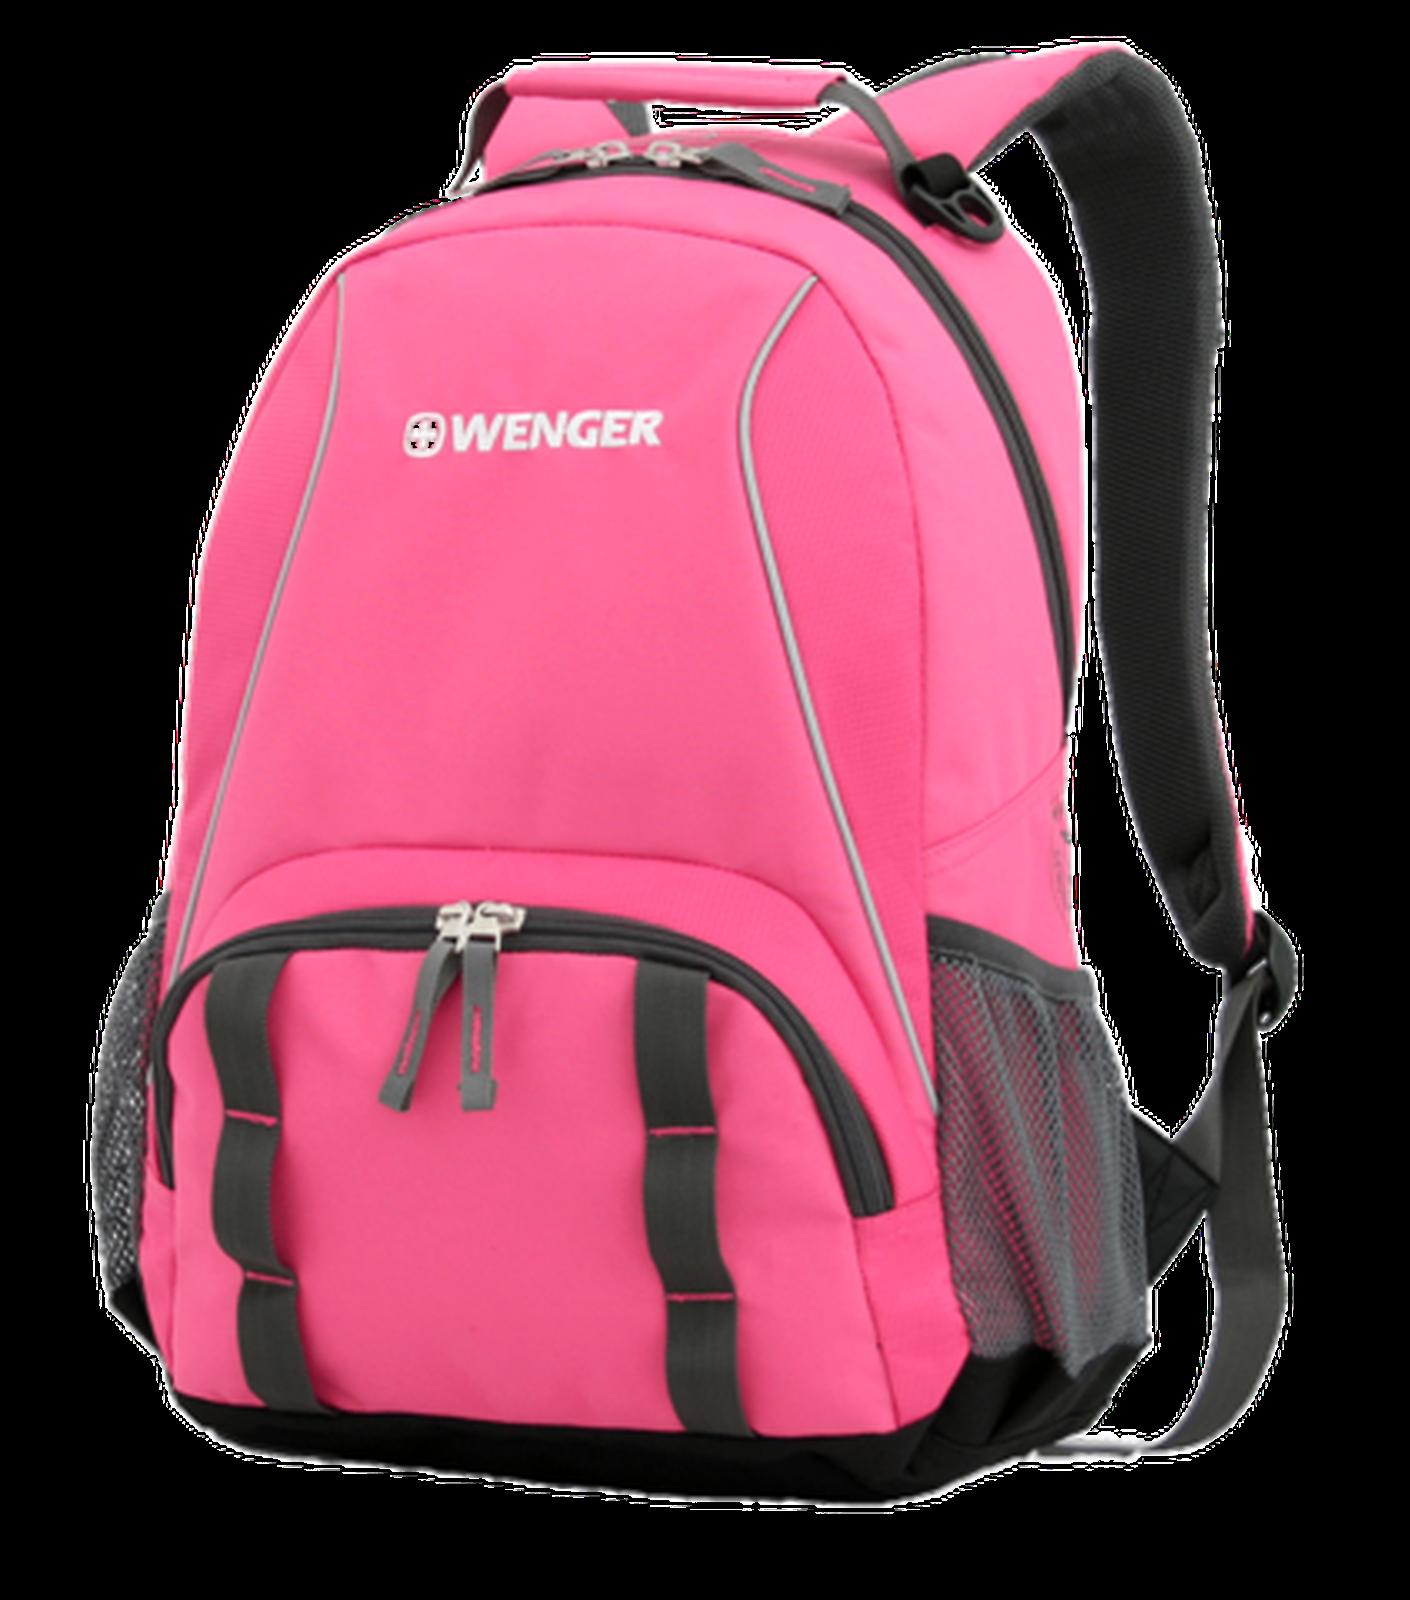 15130871d6e4 Школьный рюкзак WENGER (12903415), 22 л (голубой). Скидка 105 руб.